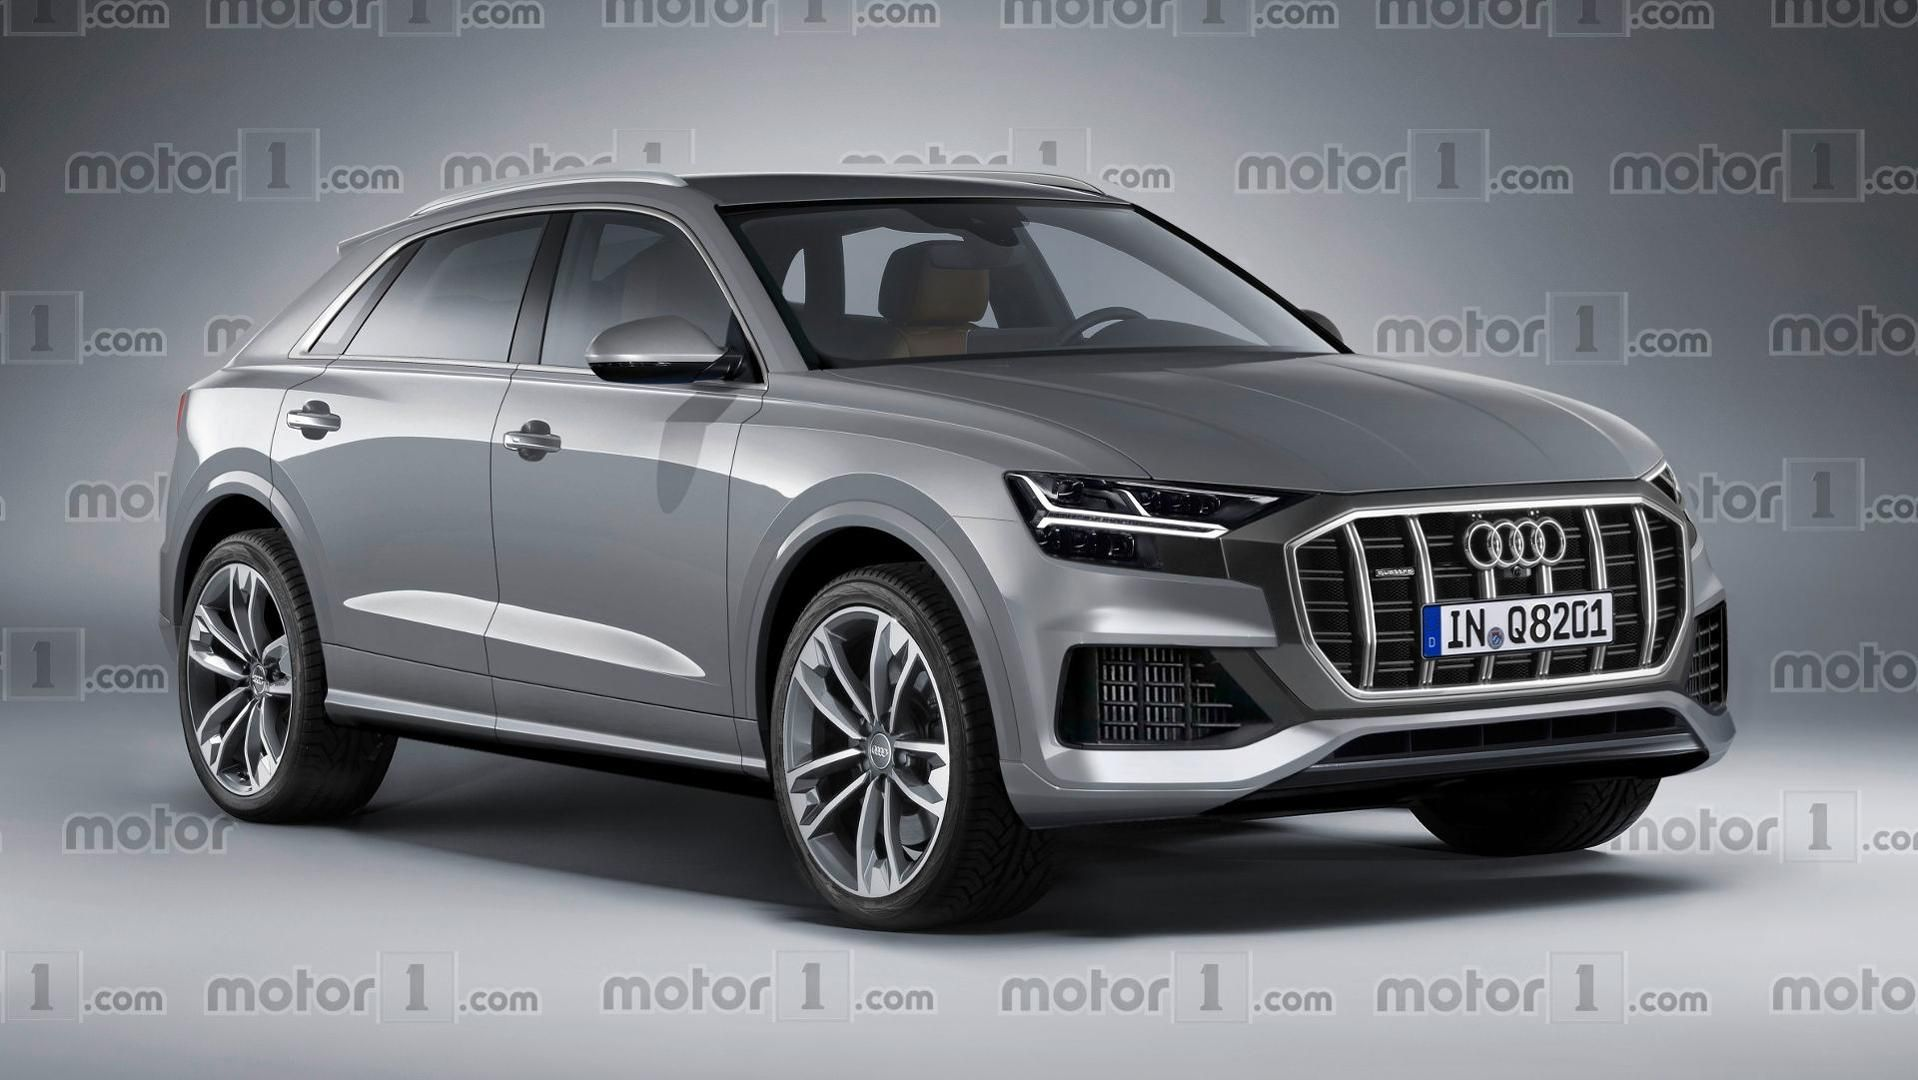 Best 2019 Audi Q8 Release Date Car Price 2019 Audi New Audi Car Audi Q7